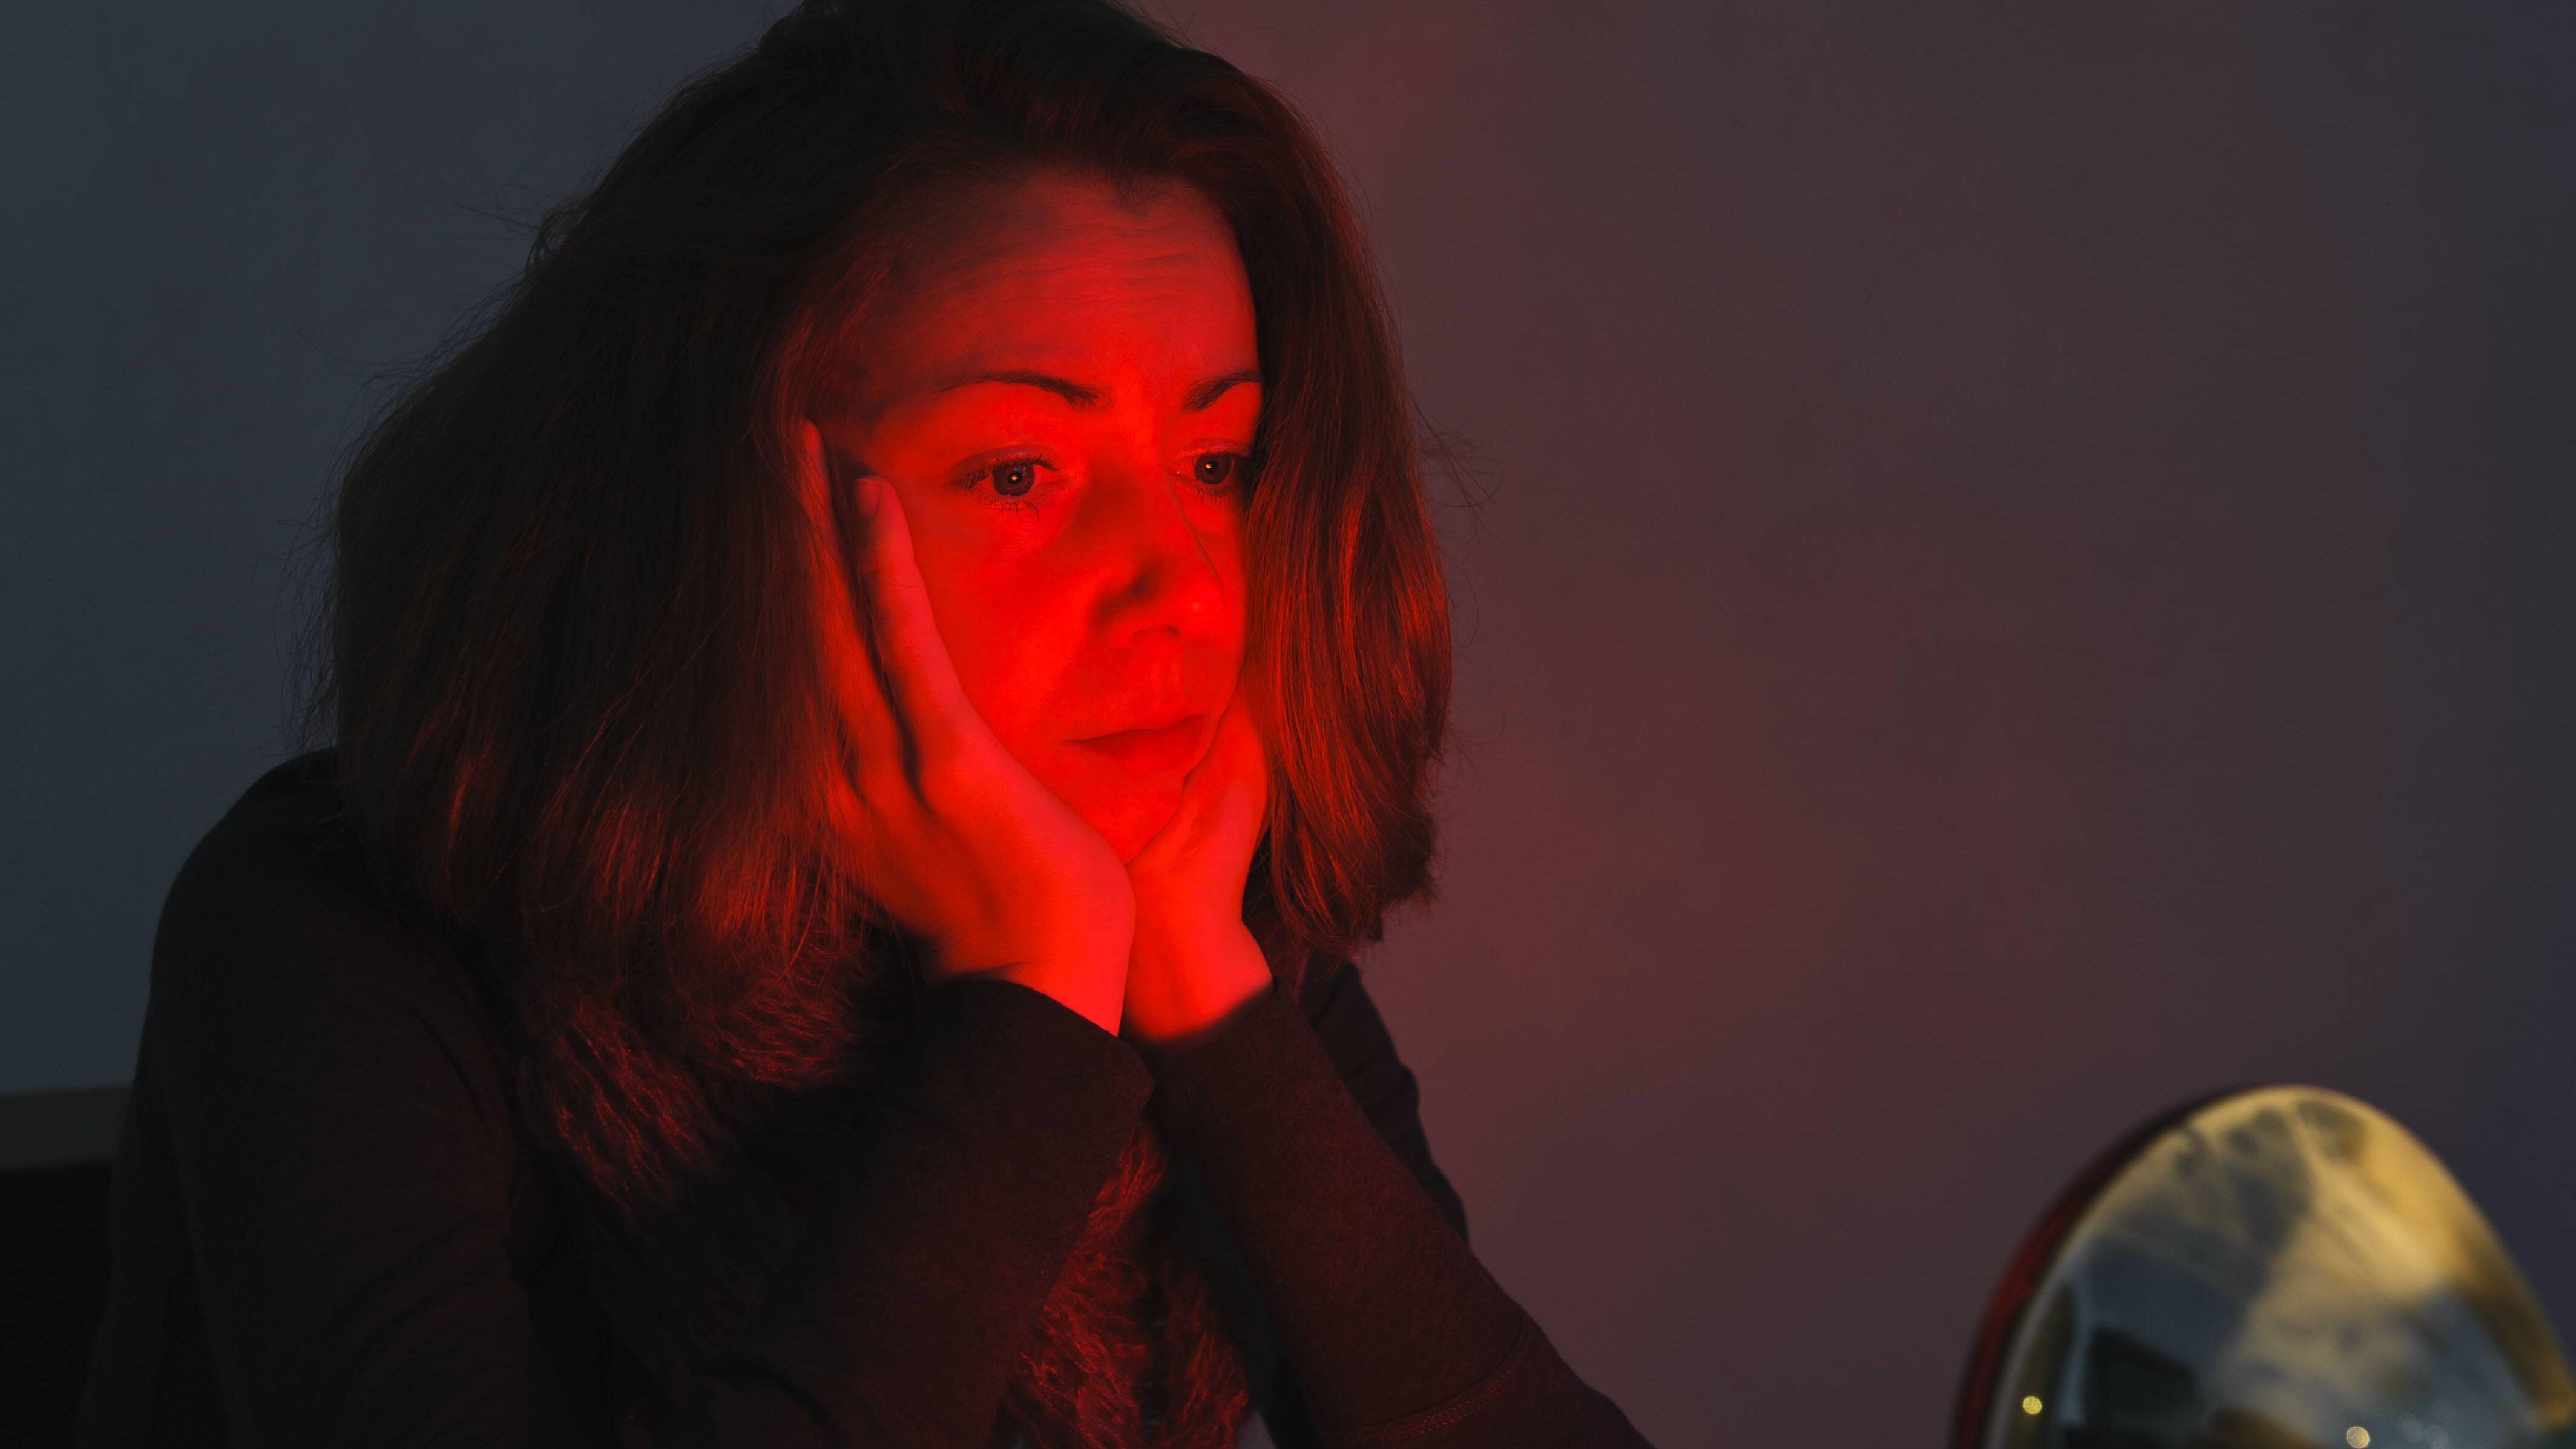 Rotlicht dient als Wärmespender und ist gegen Ohrenschmerzen wirksam